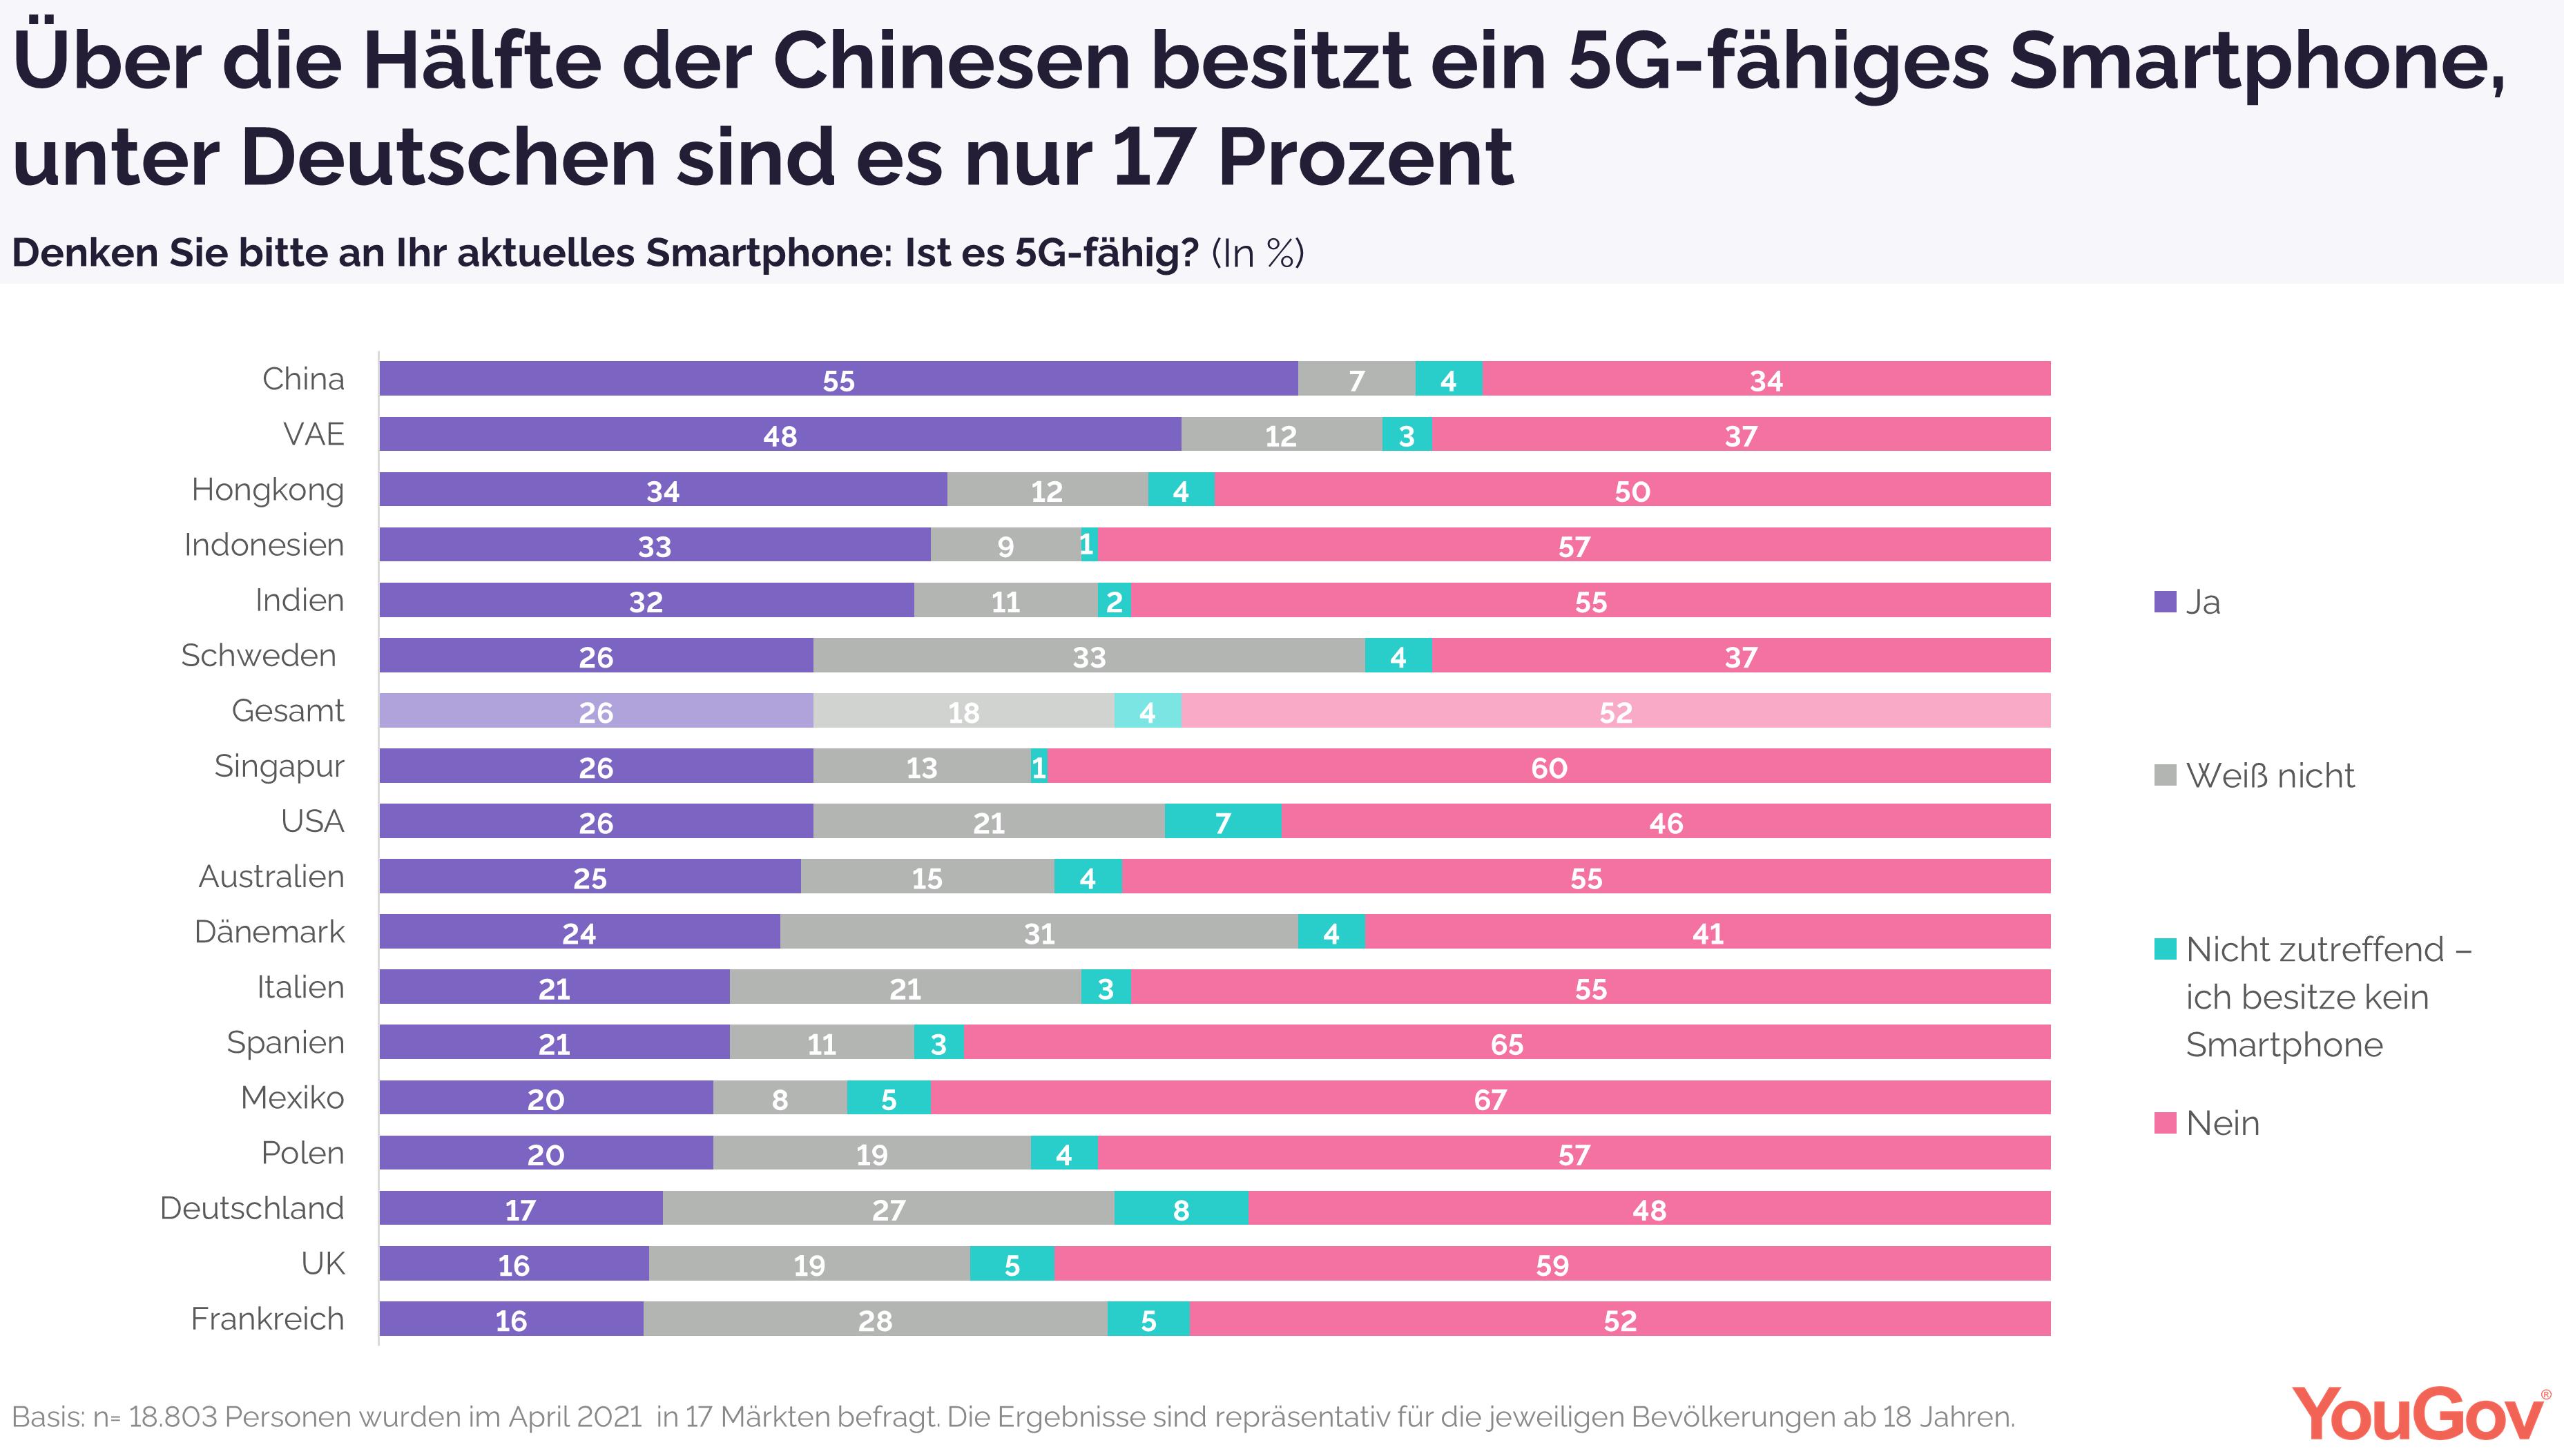 17 Prozent der Deutschen besitzen ein 5G-fähiges Smartphone